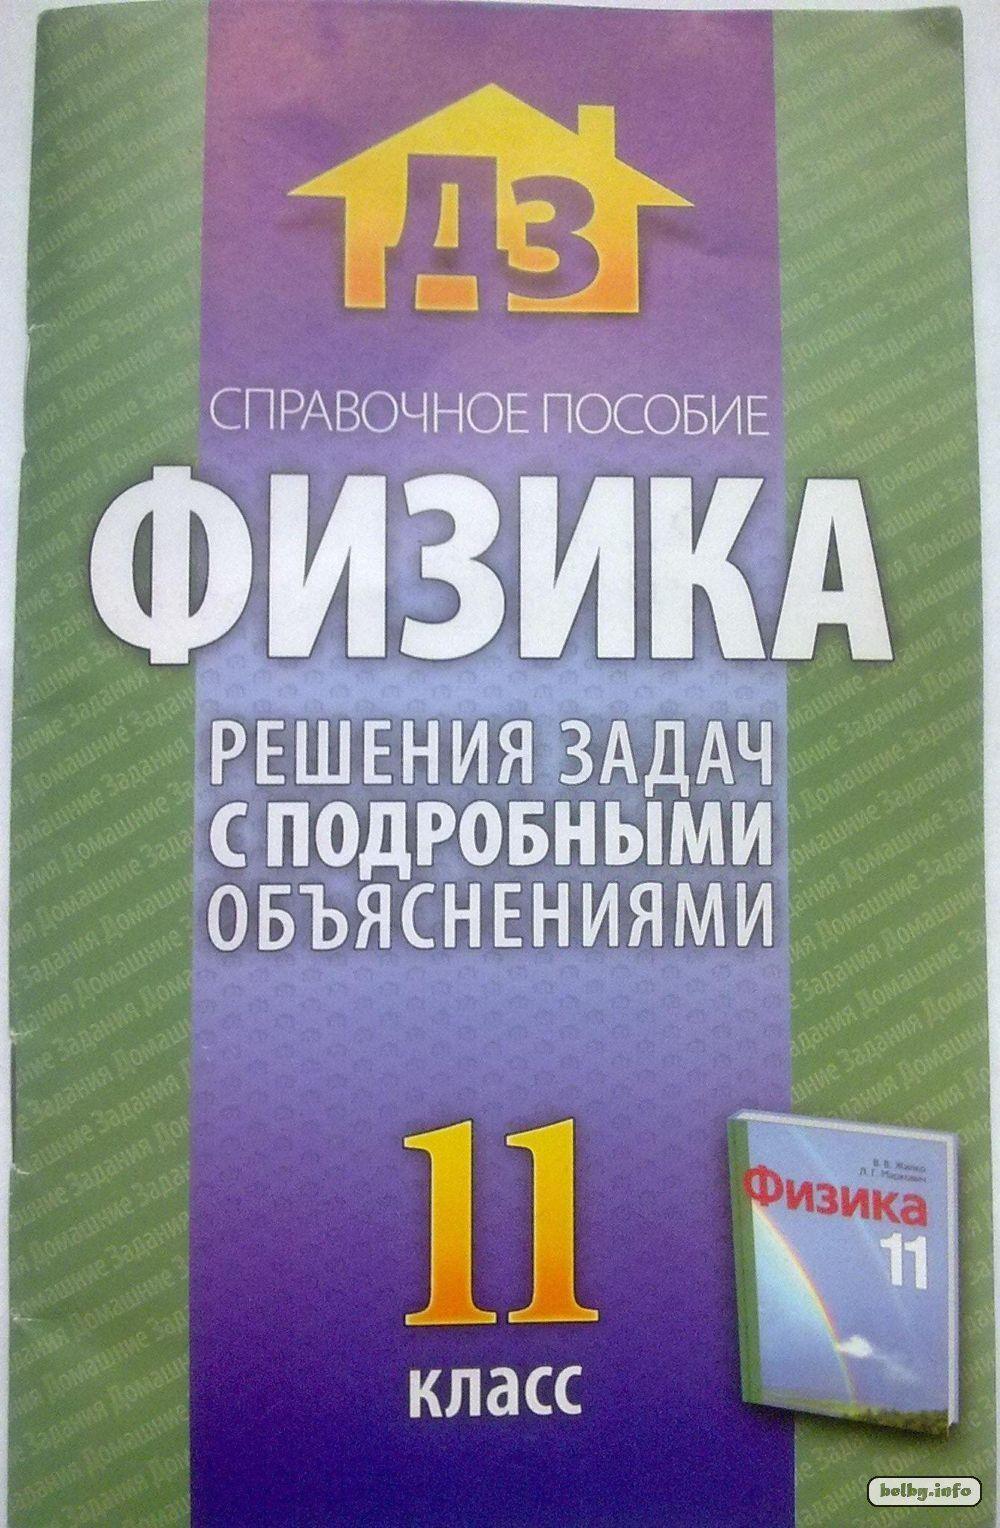 Дрофа 2001 русский разумовская учебник 9 класс скачать айпад